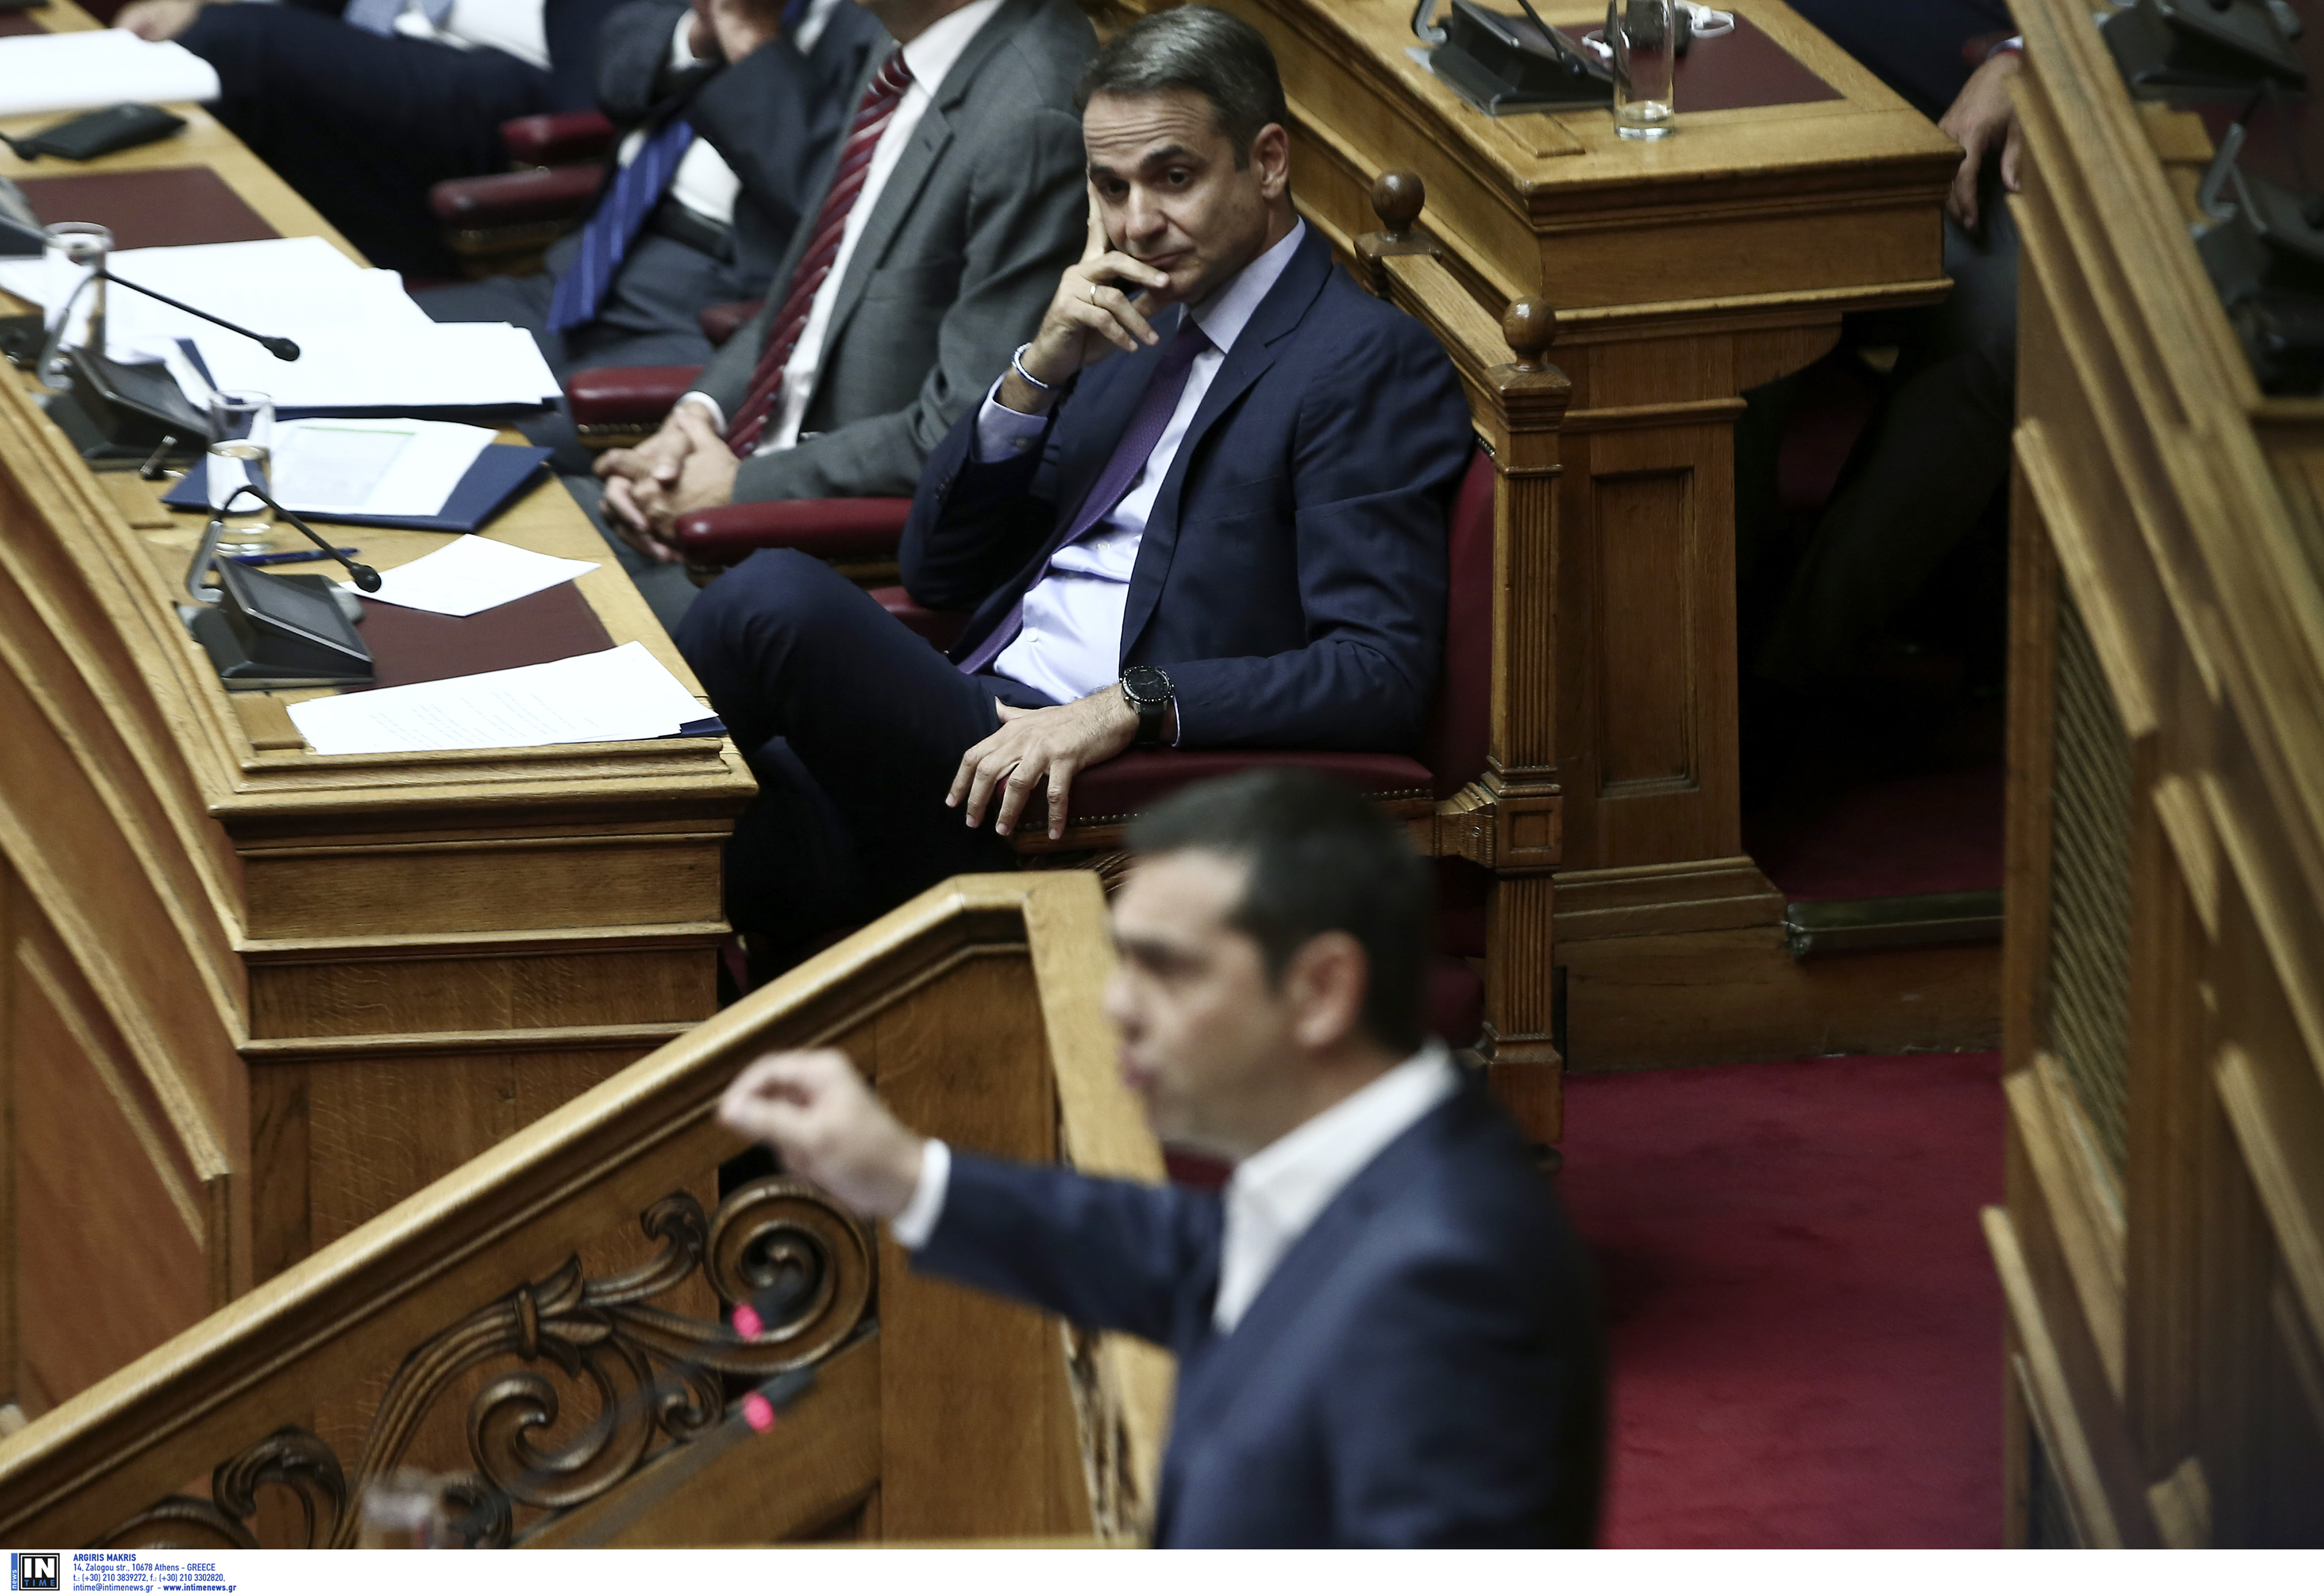 ΣΥΡΙΖΑ για συνεπιμέλεια:«Ο κ. Μητσοτάκης φοβάται ότι δεν ελέγχει την Κοινοβουλευτική του Ομάδα»